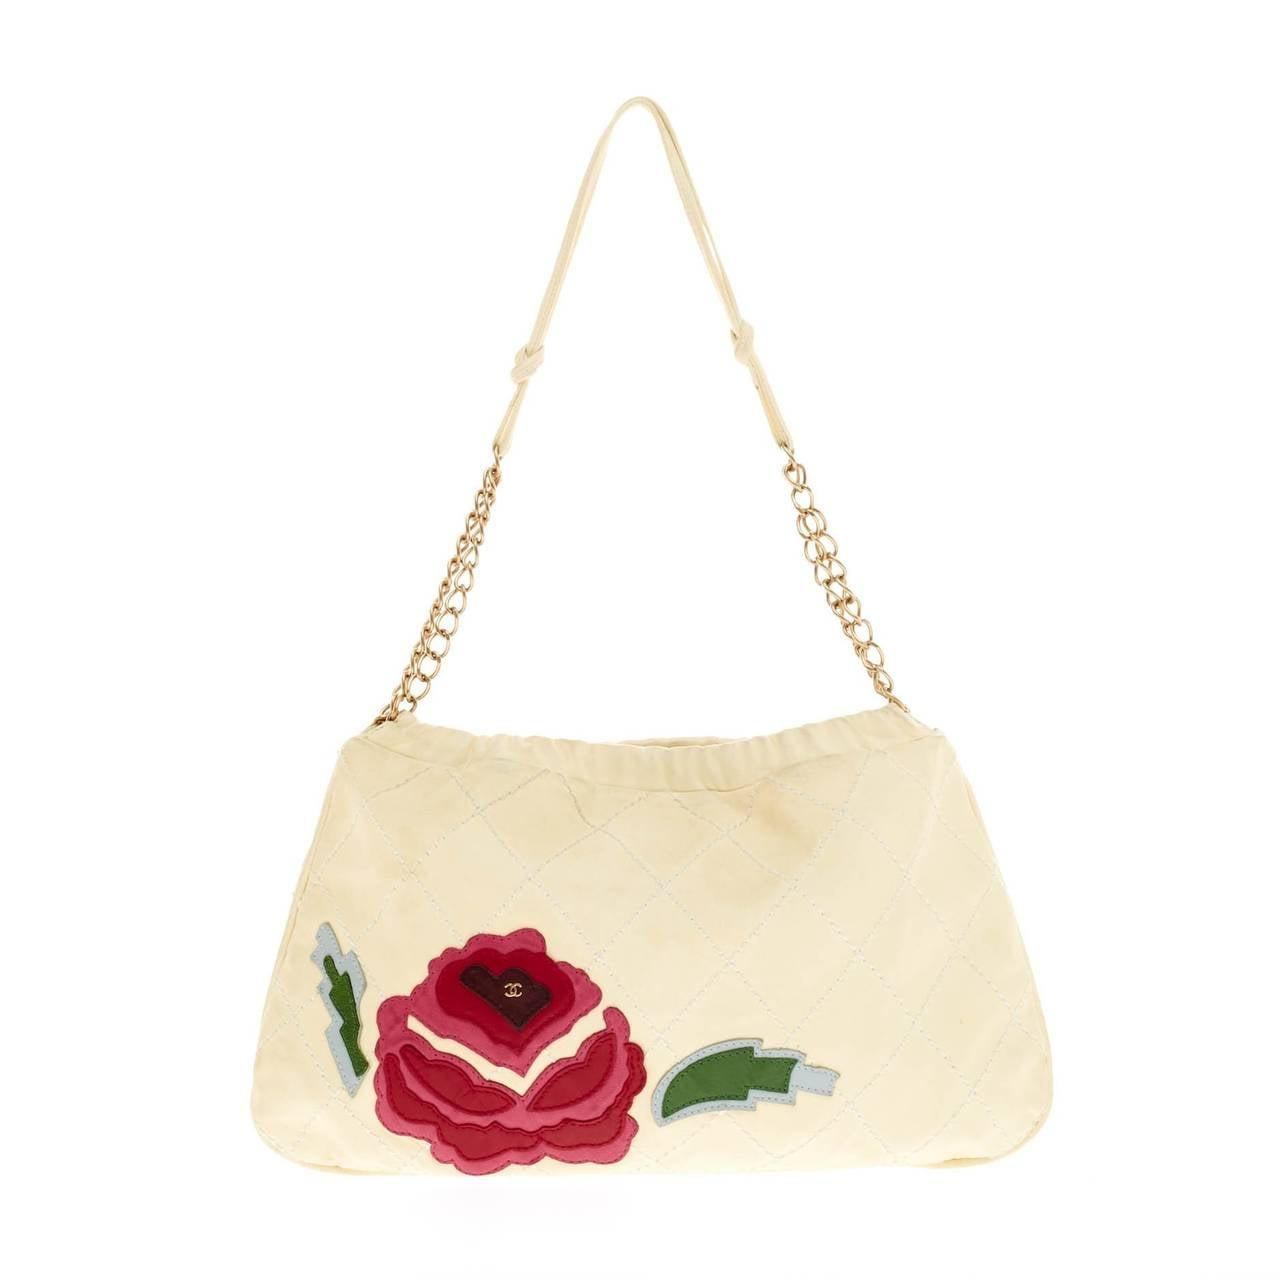 chanel camellia shoulder bag patchwork at 1stdibs